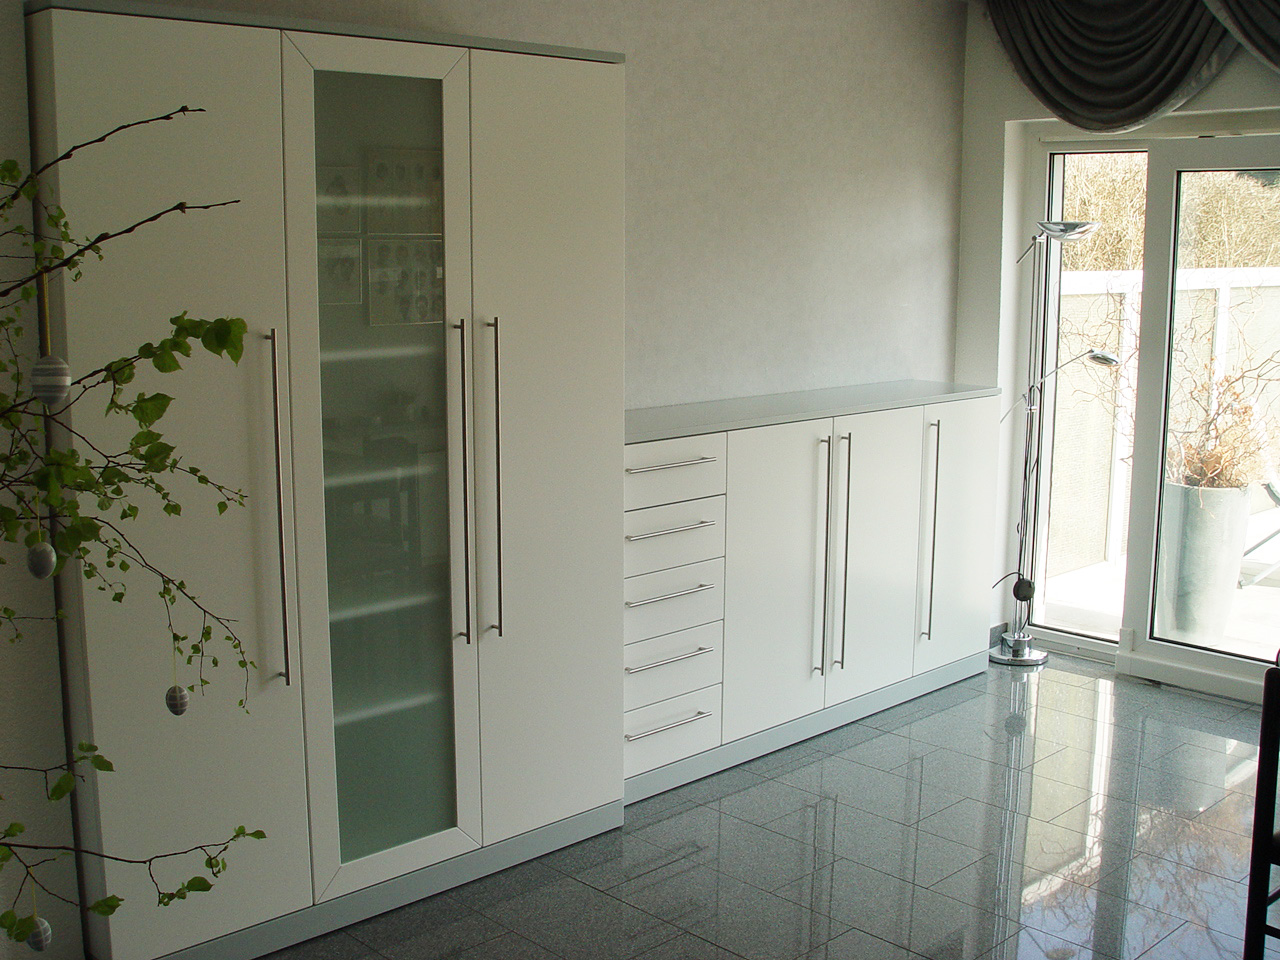 A35-Wohngestaltung